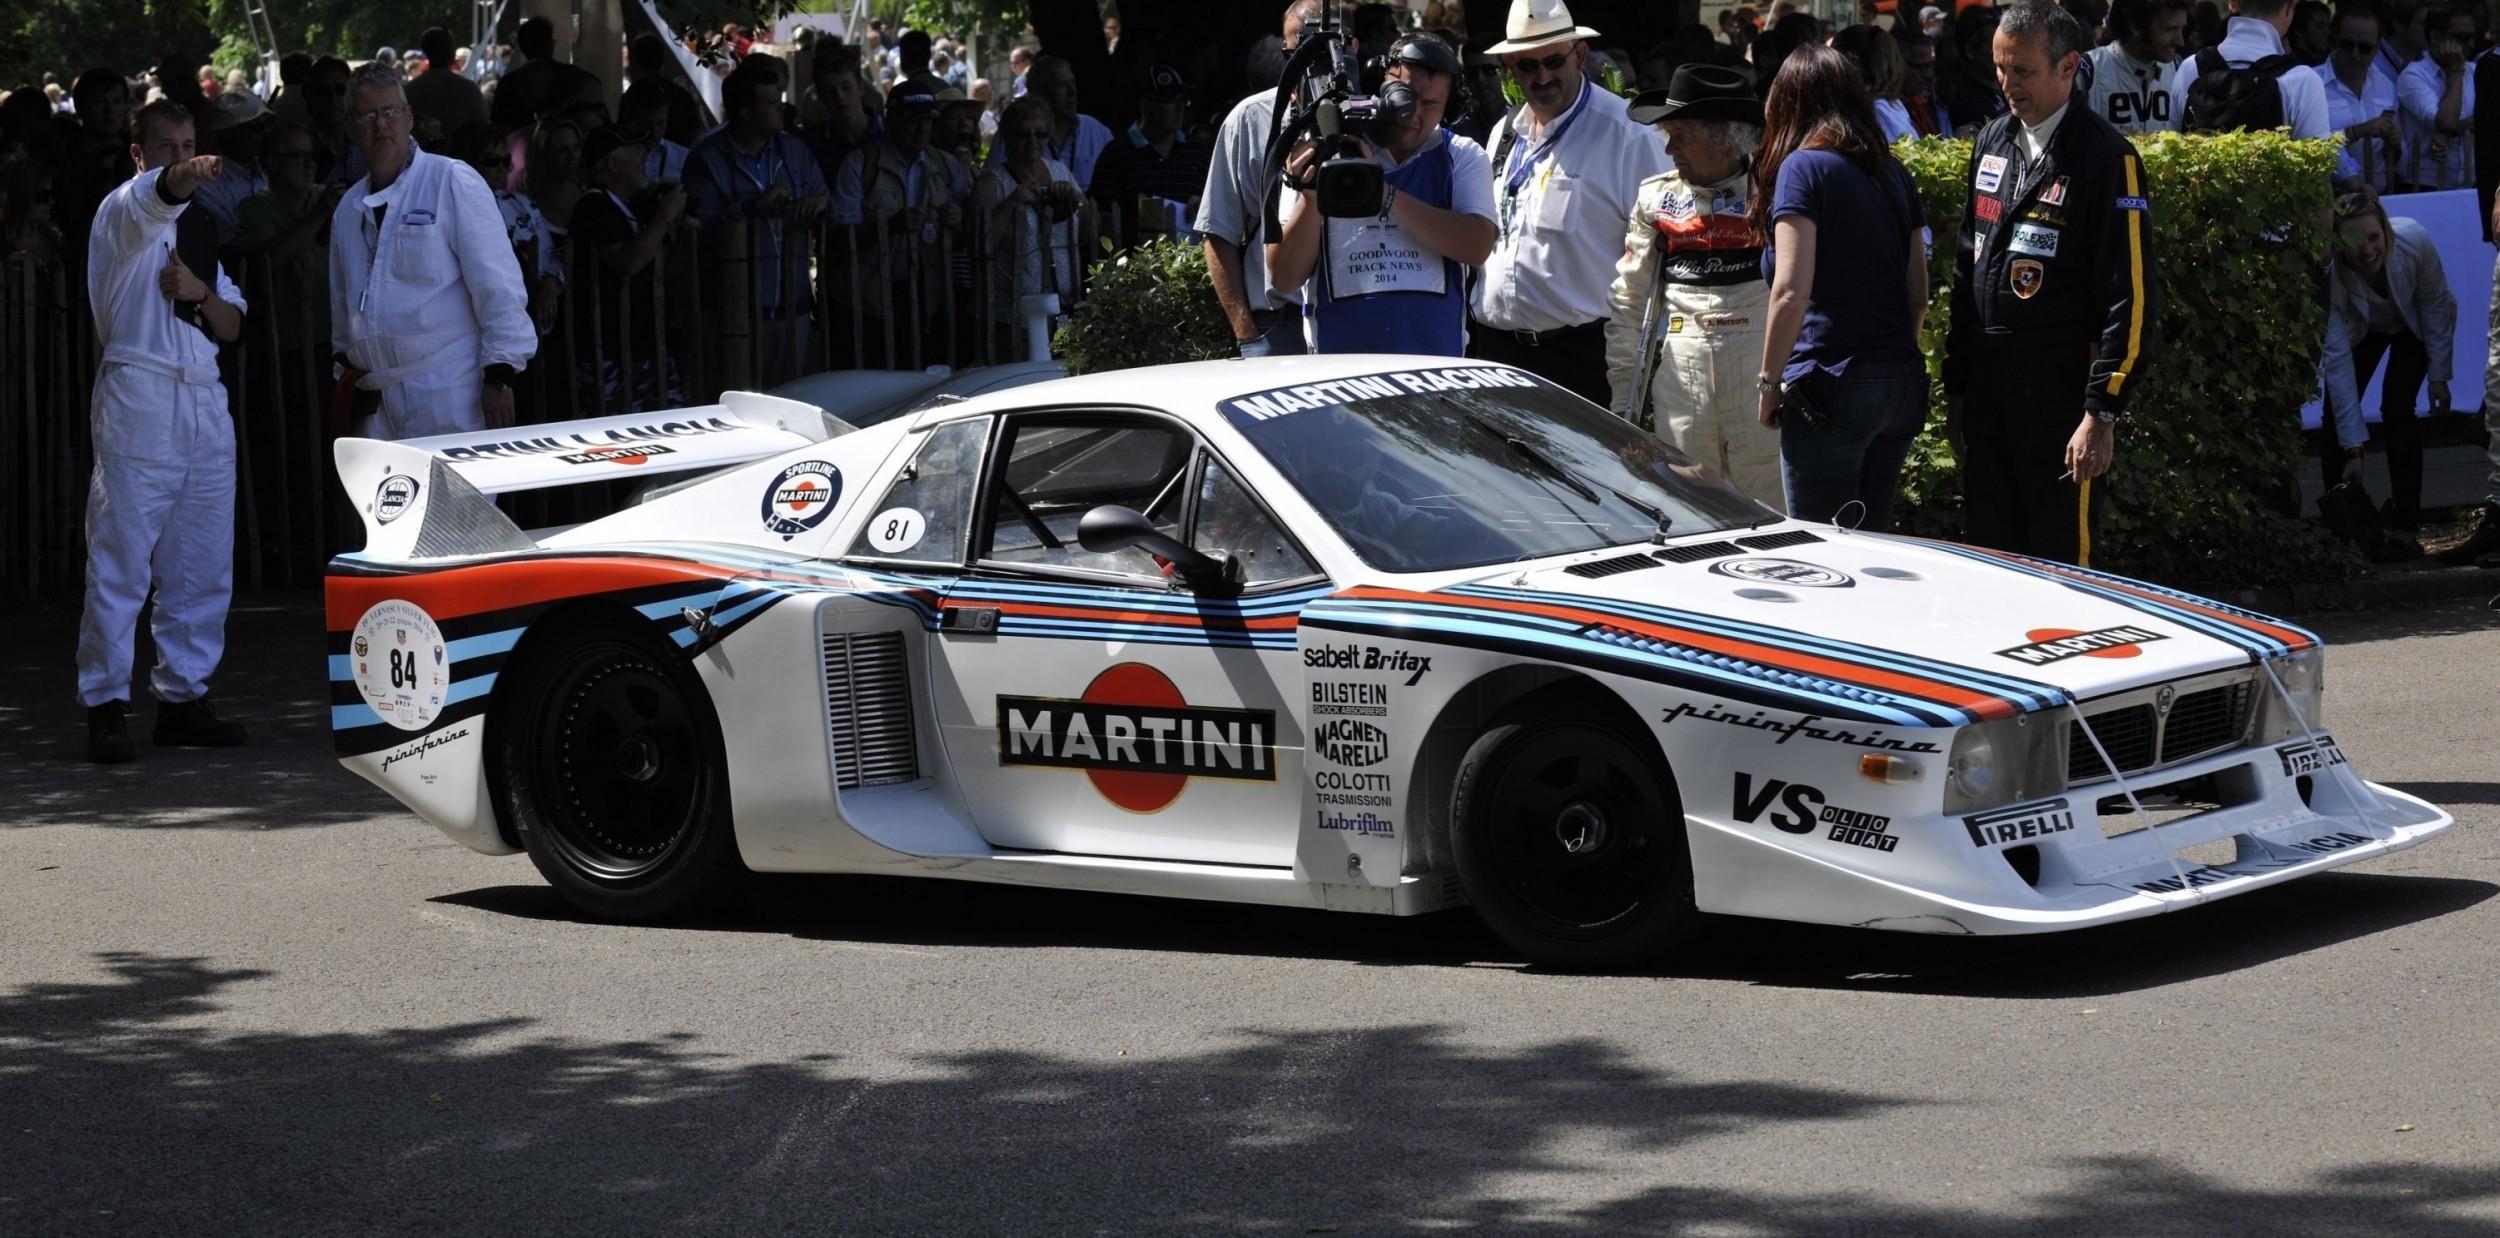 1983 Lancia Beta Montecarlo And 1982 Lancia 037 At